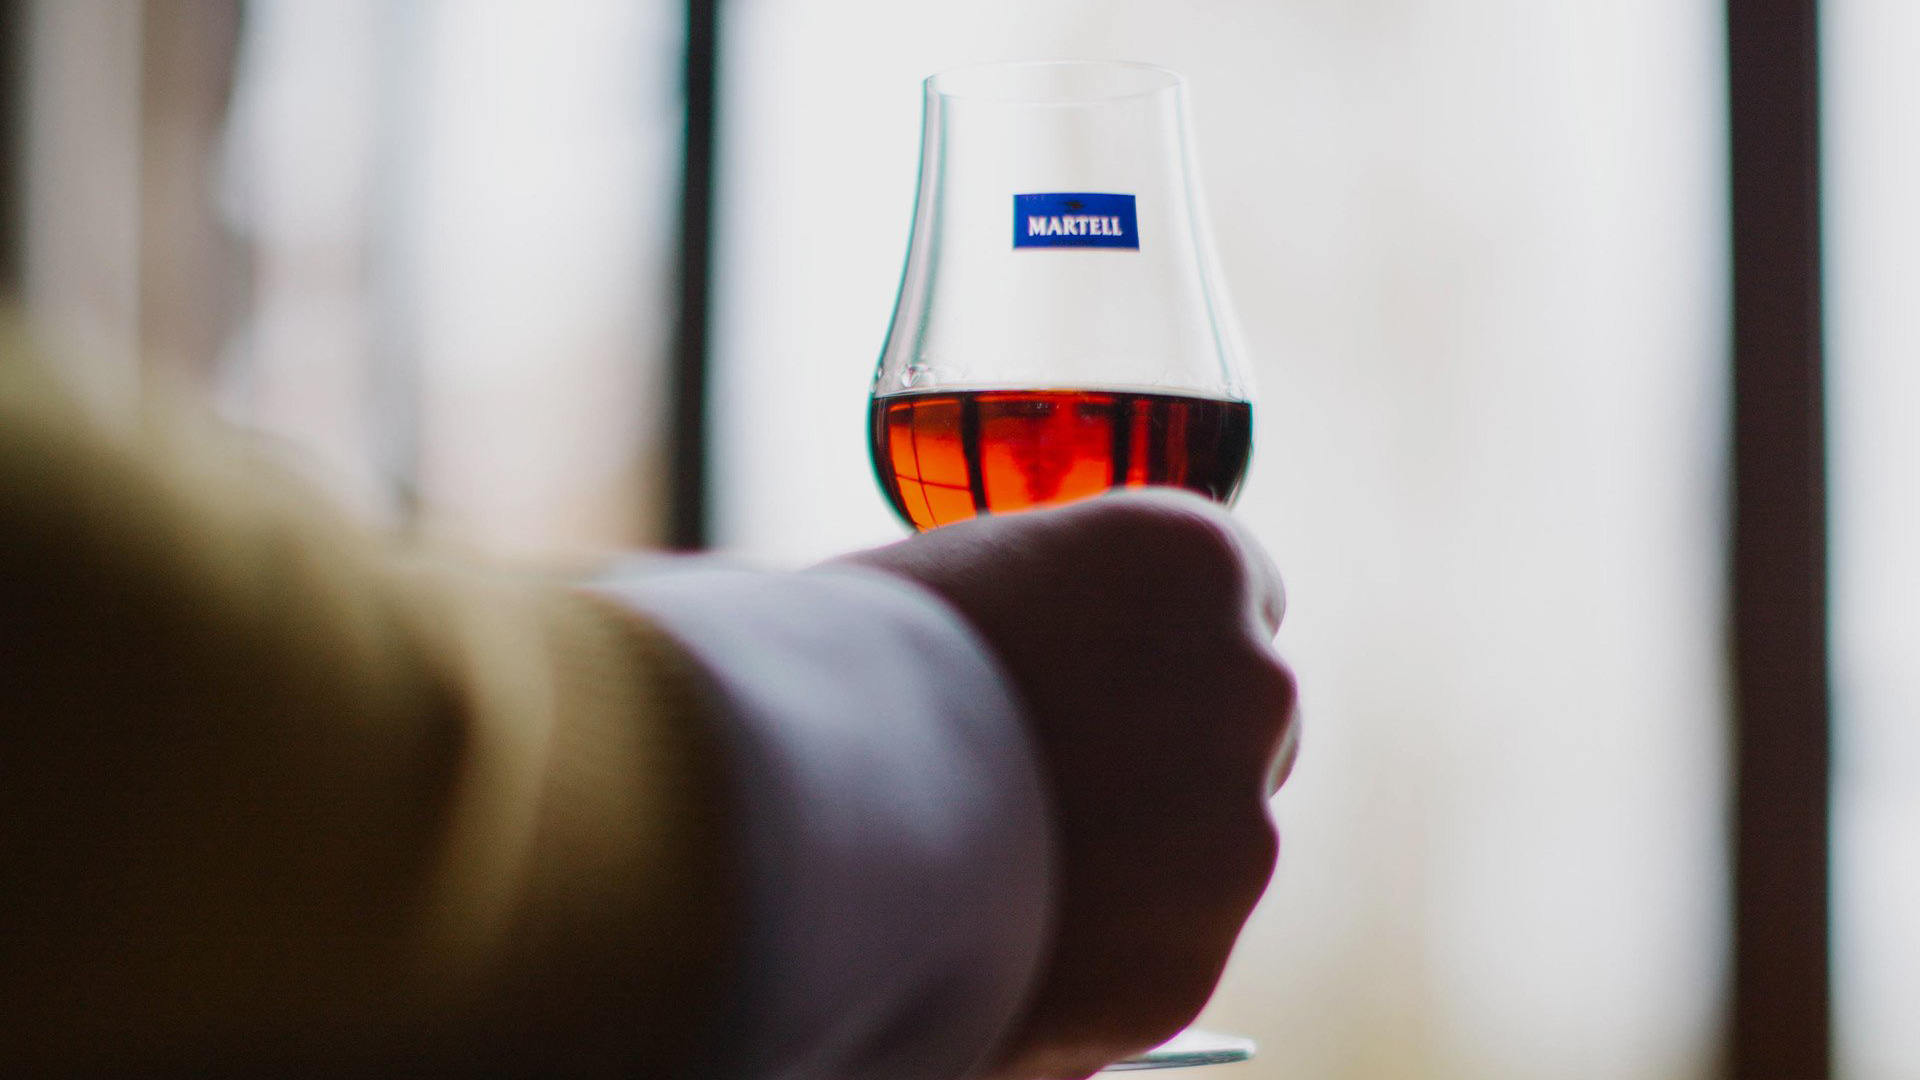 Rượu Martell